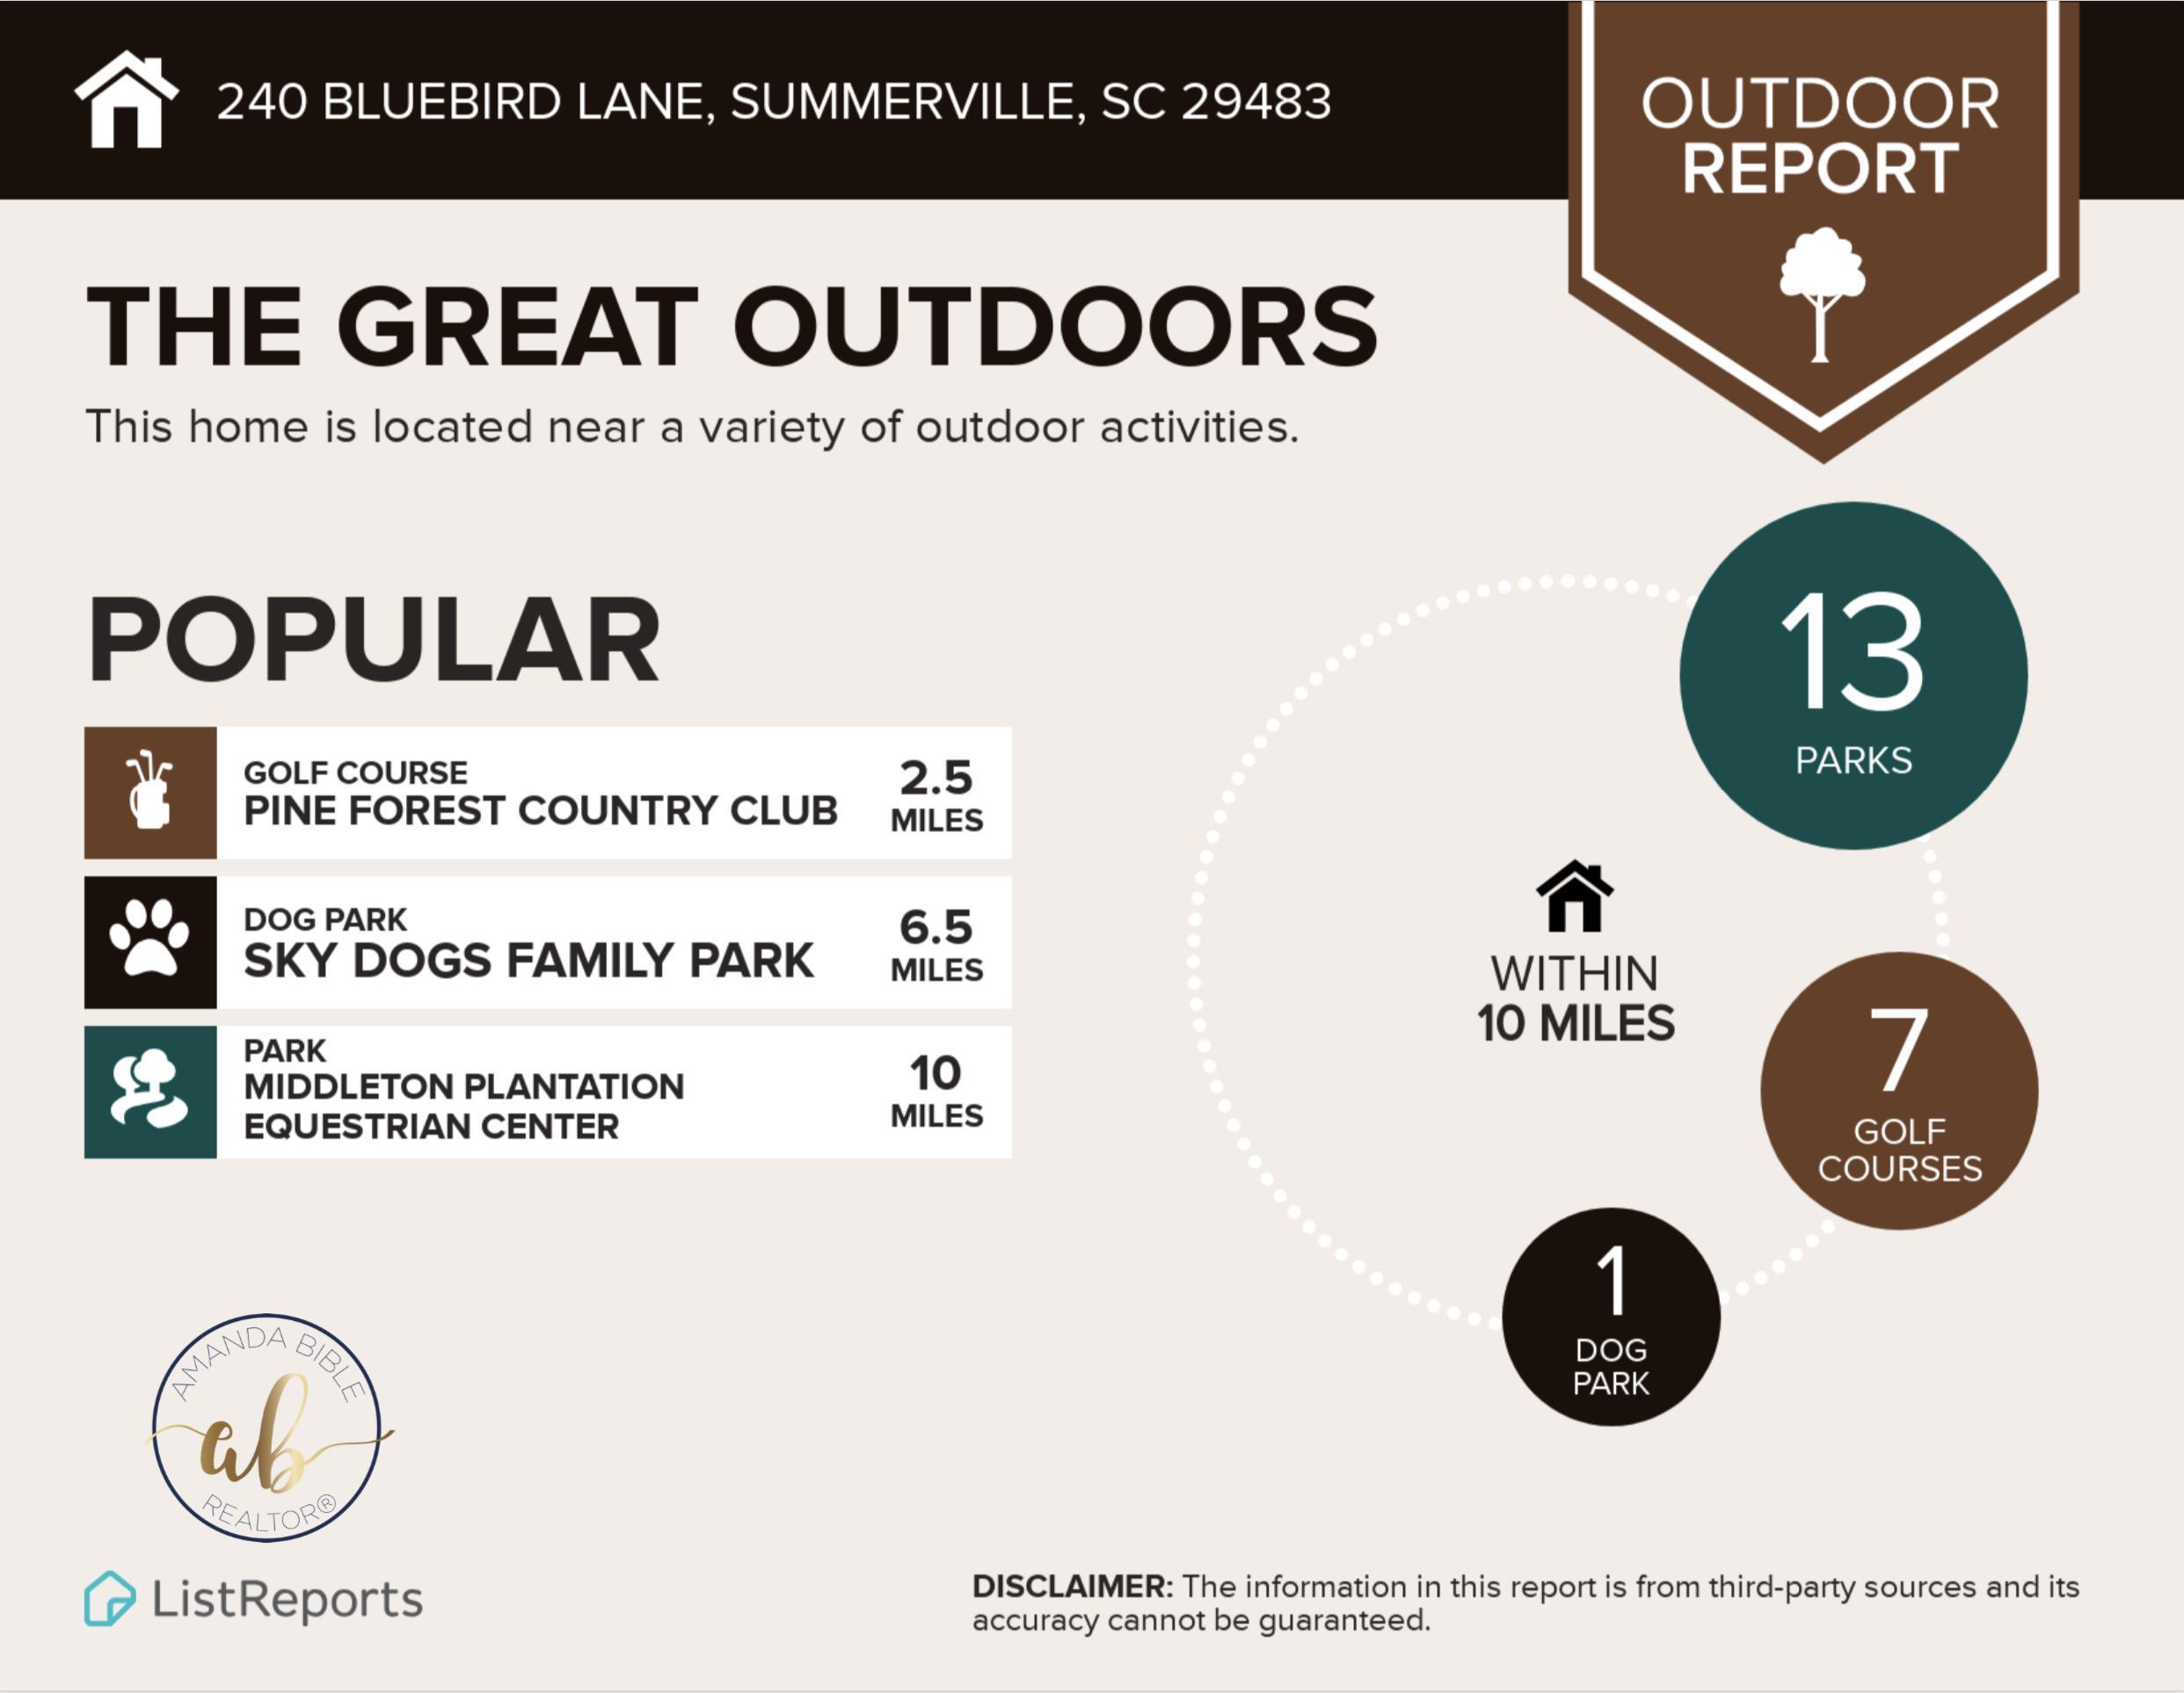 240 Bluebird Lane Summerville, SC 29483